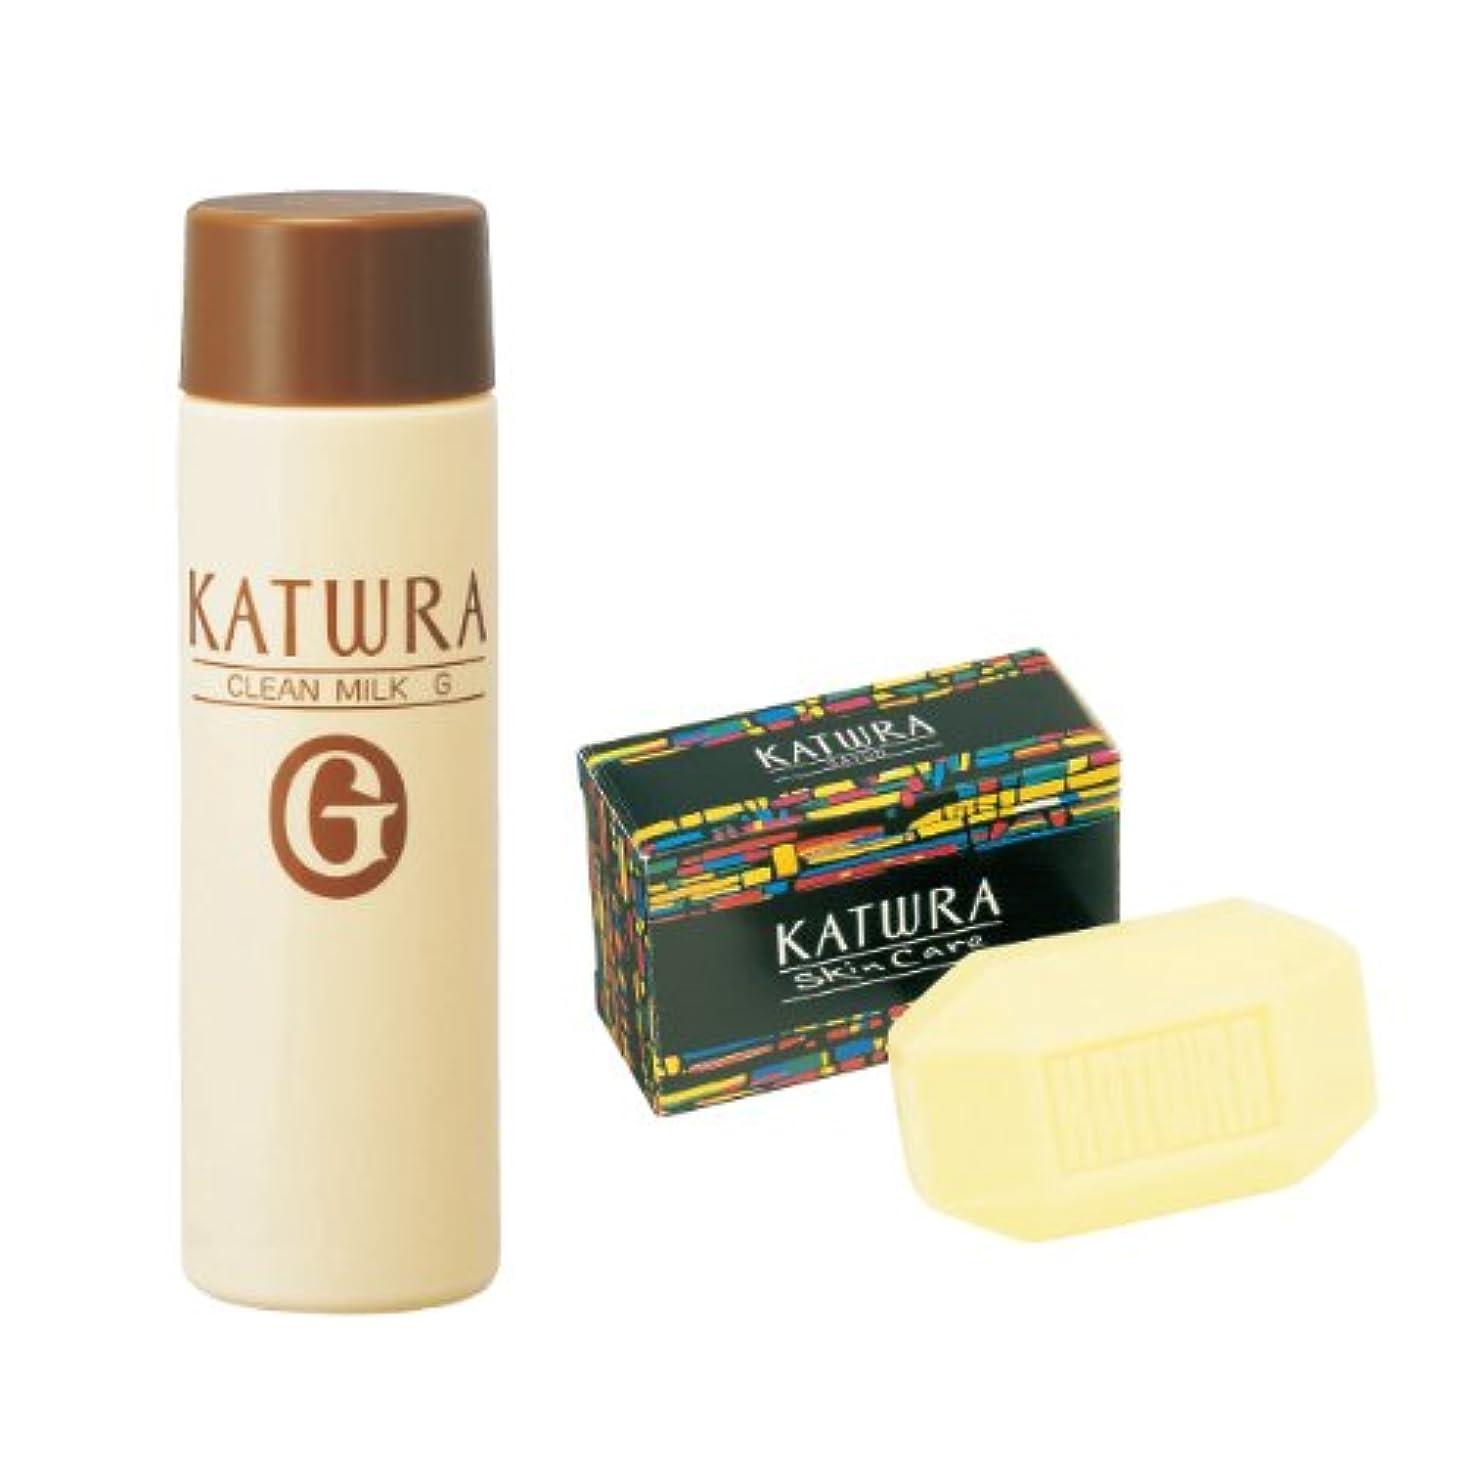 ひもバッグ入力カツウラ洗顔セット2(クリンミルクG150ml+サボン無香料100g)